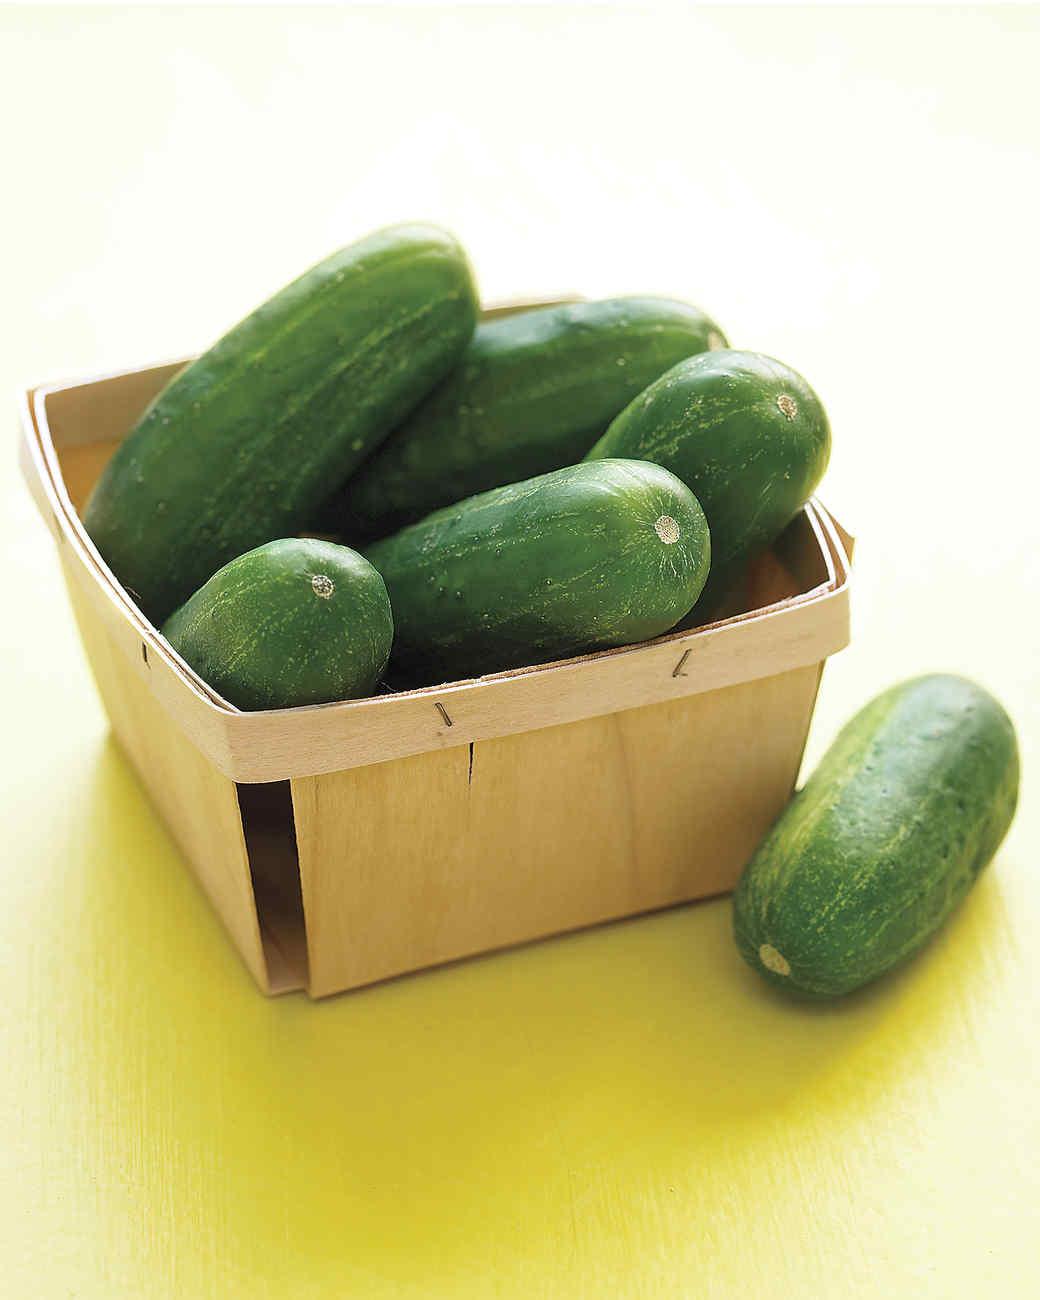 cucumbers-med102963.jpg